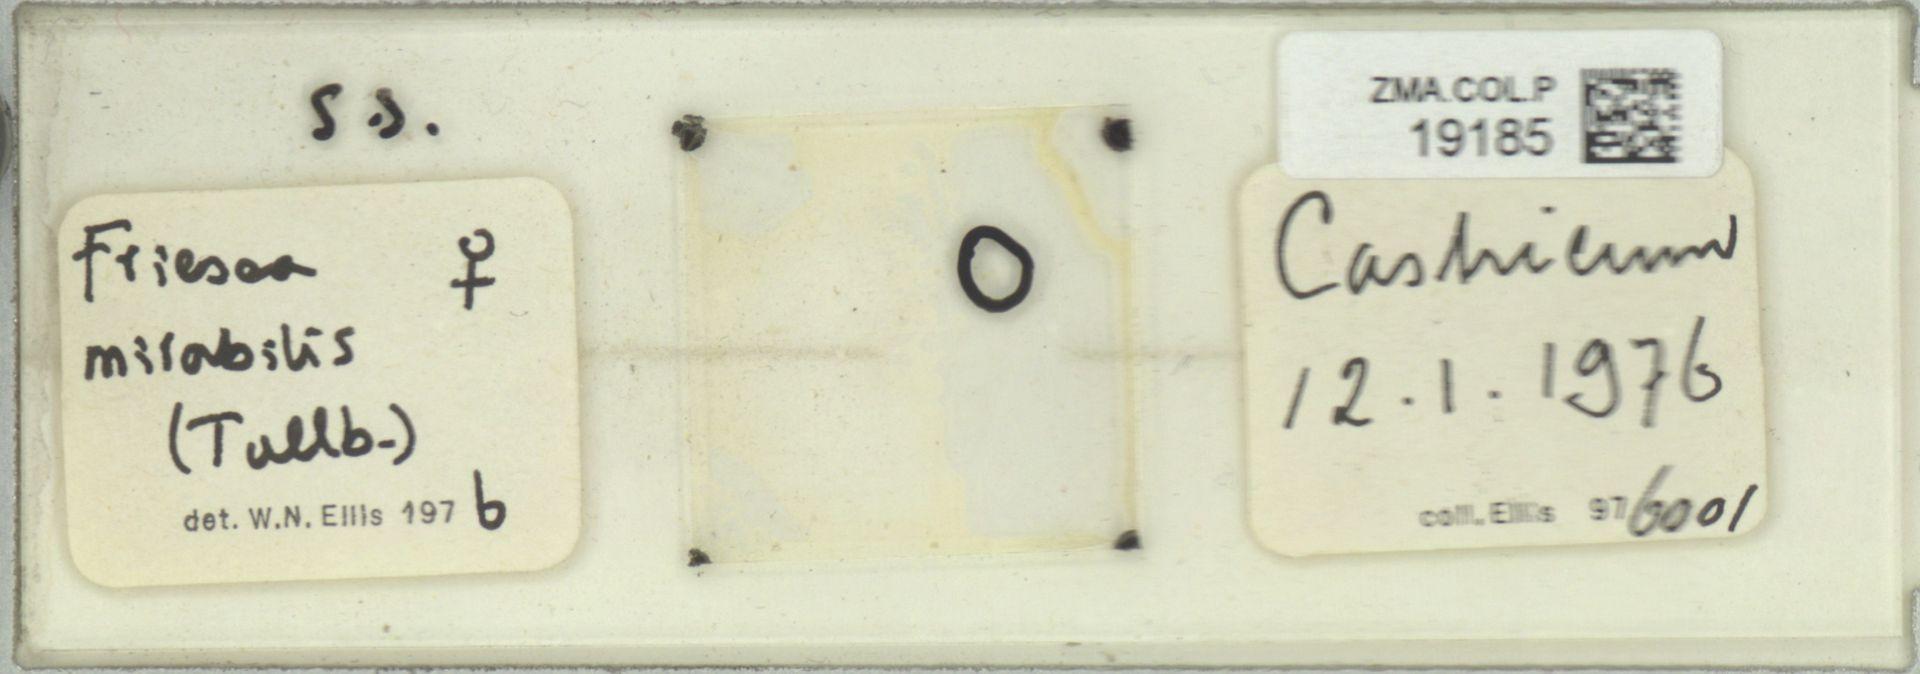 ZMA.COL.P.19185 | Friesea mirabilis (Tullb.)